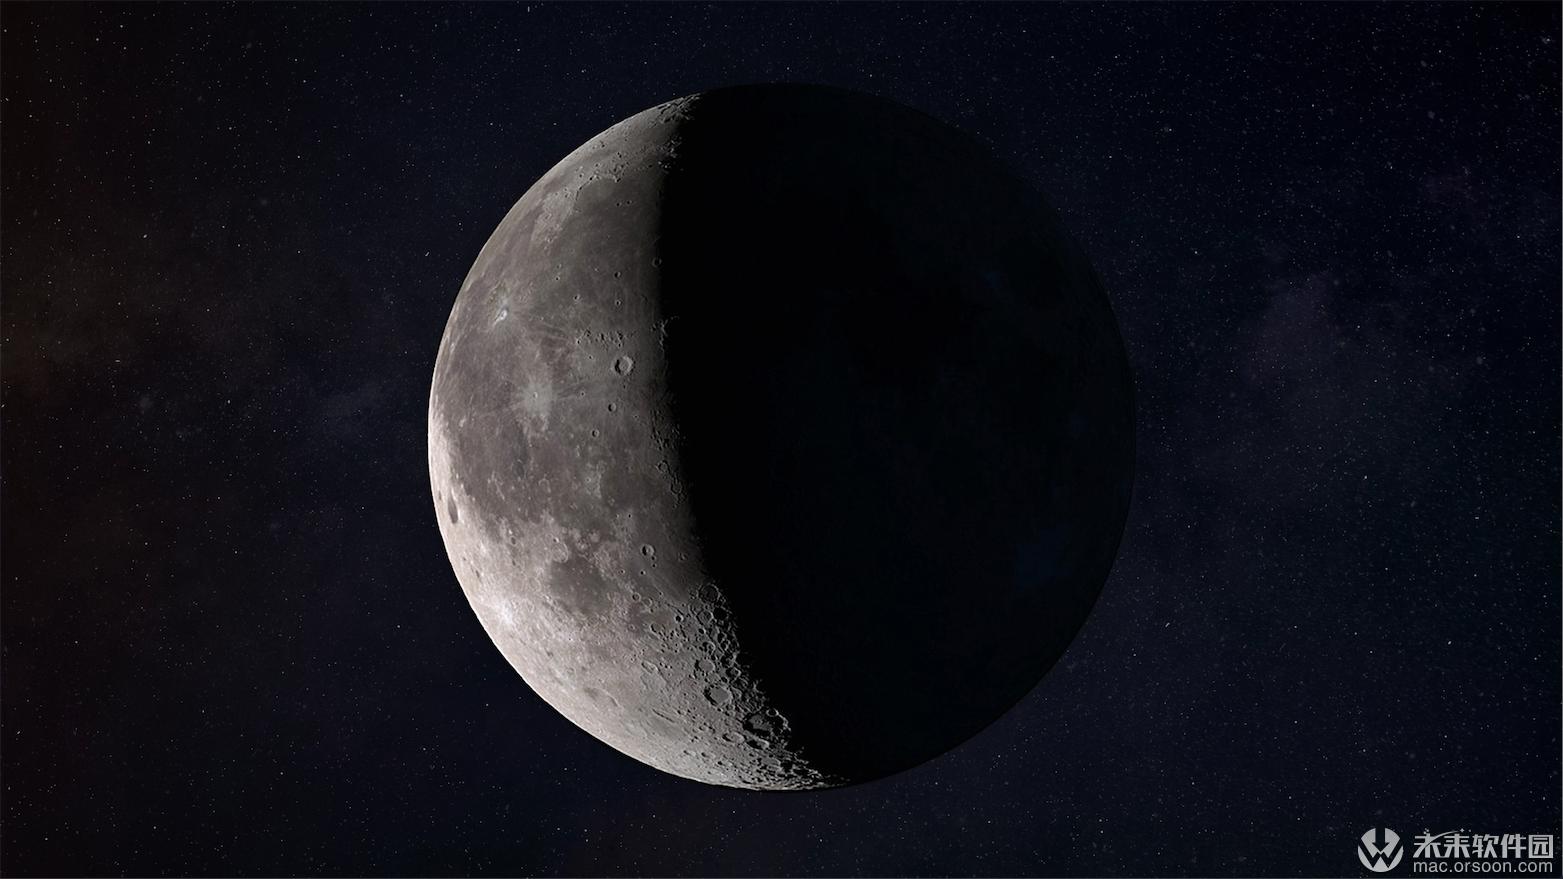 月球土星动态桌面壁纸